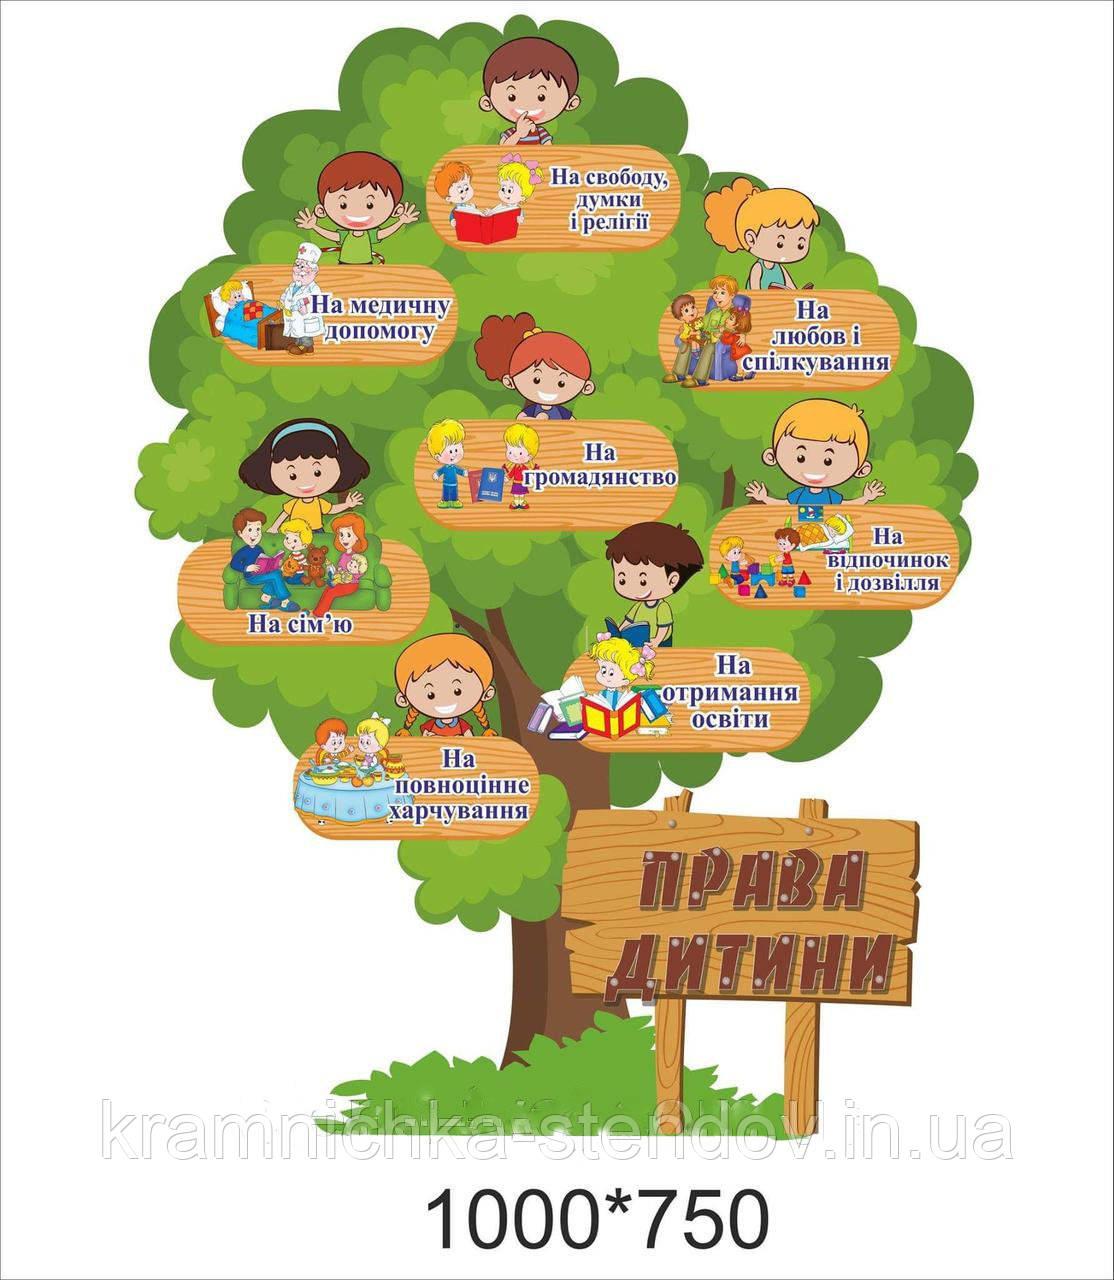 Права ребенка для школы и детского сада